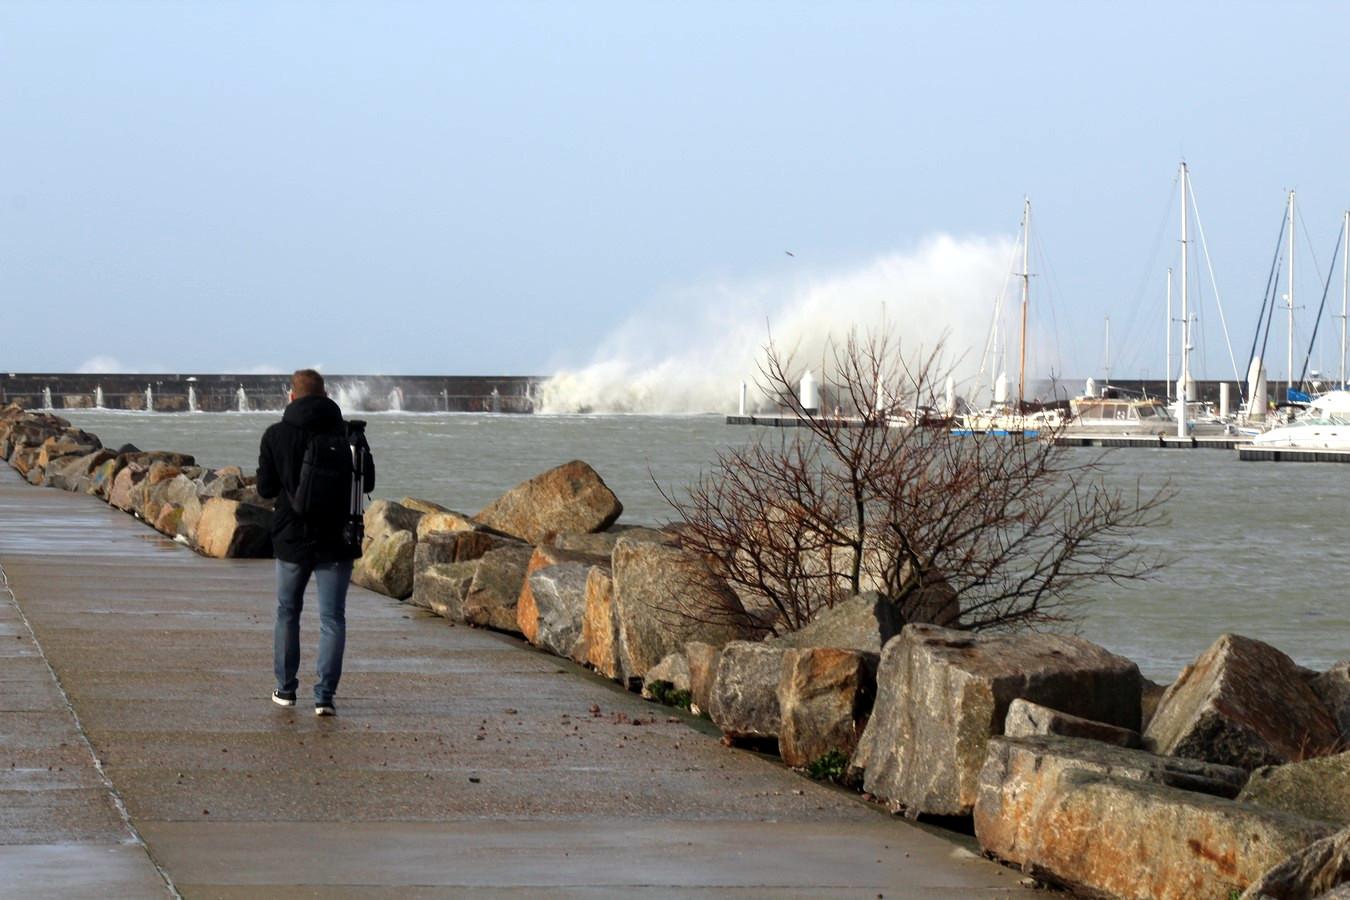 Tempête ELEANOR au Havre  03 01 2018 1283466329